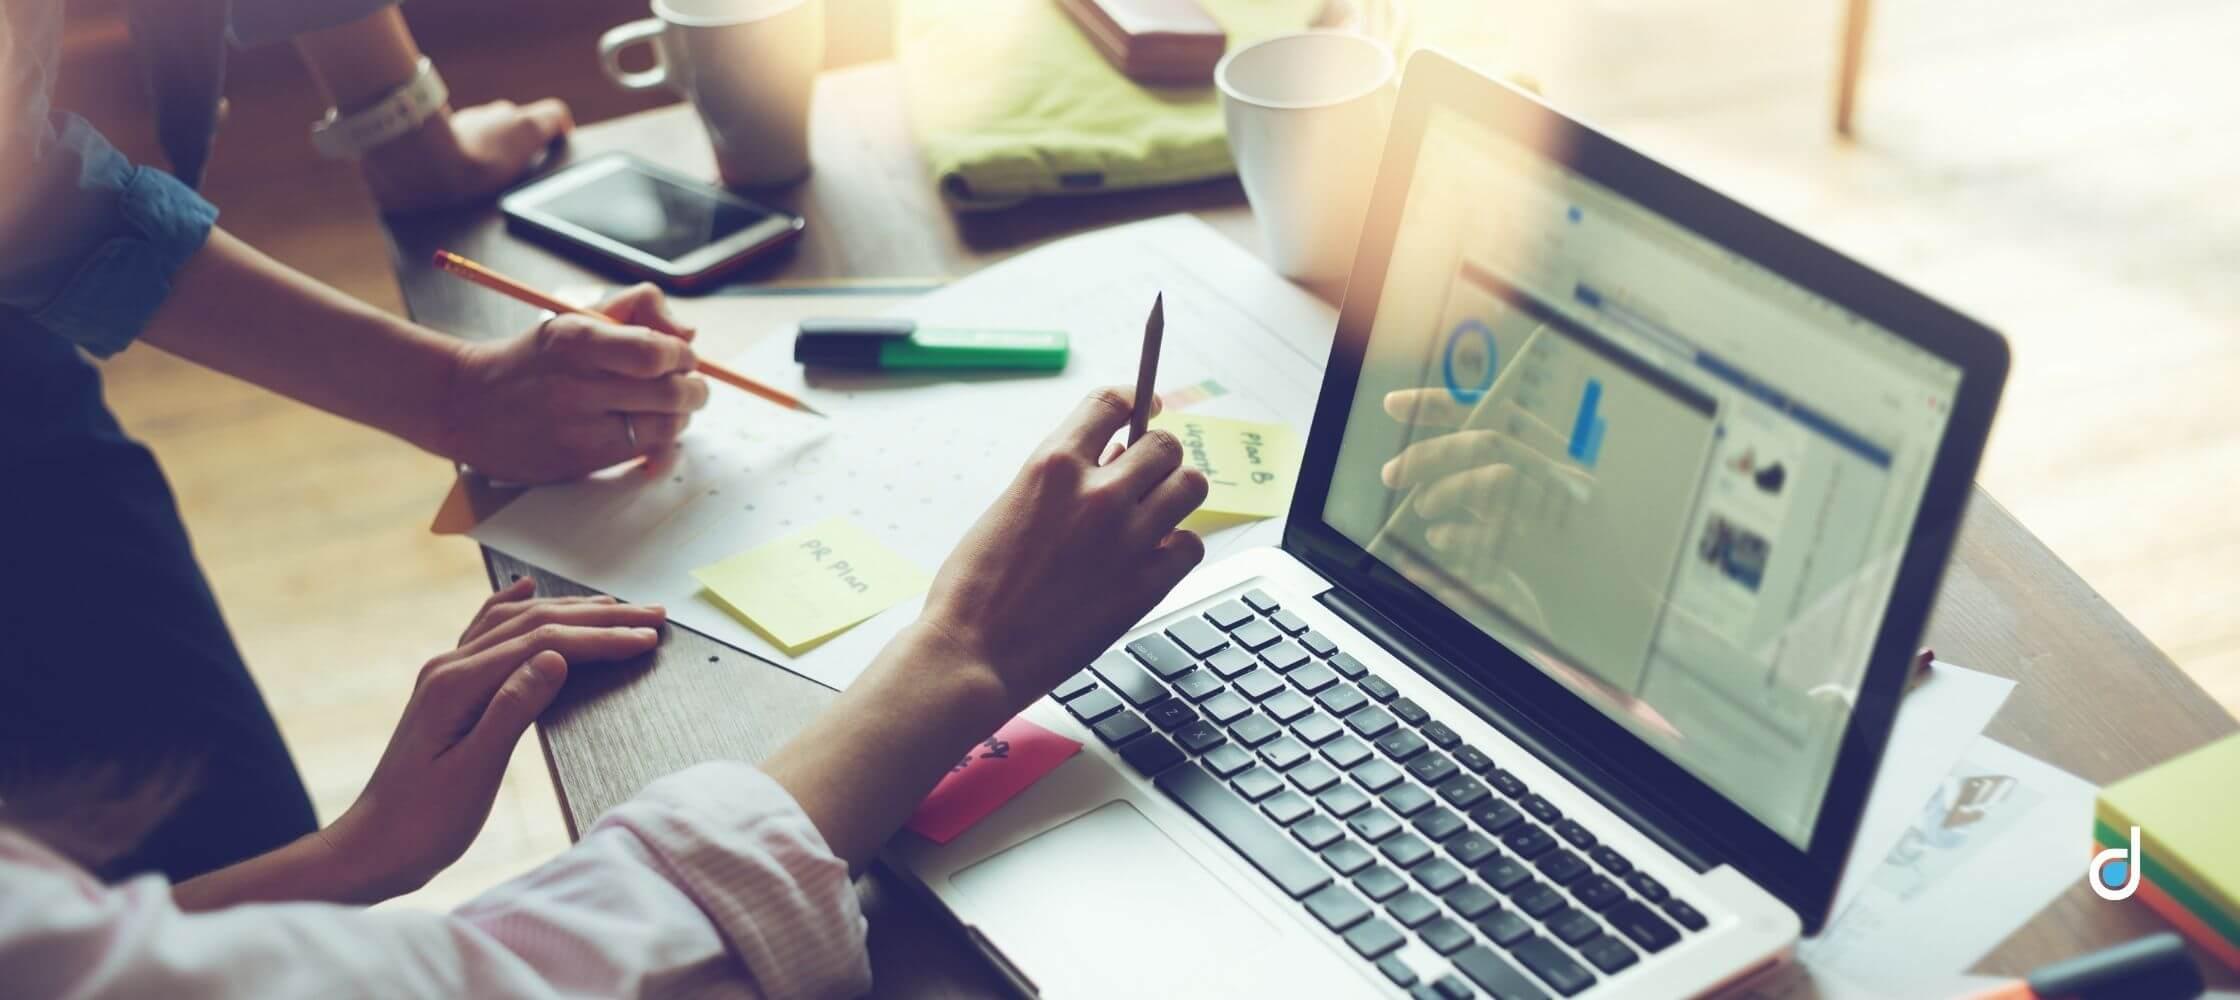 planning-workforce